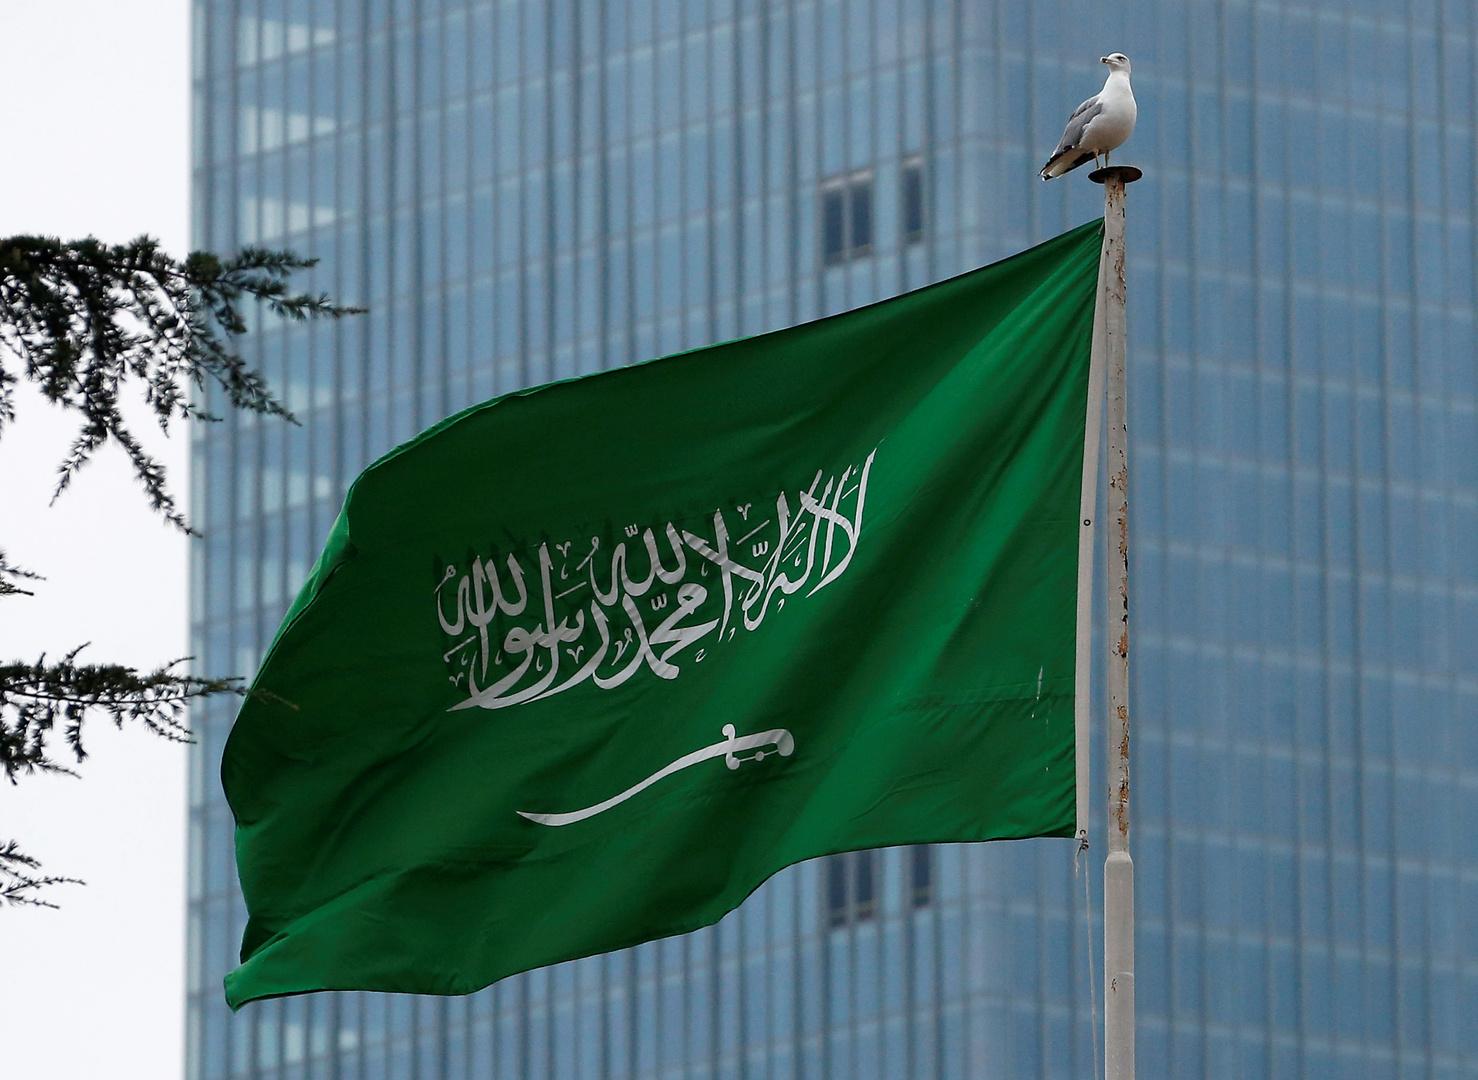 أمير سعودي يغرد حول تقرير مقتل خاشقجي والعلاقات بين واشنطن والرياض